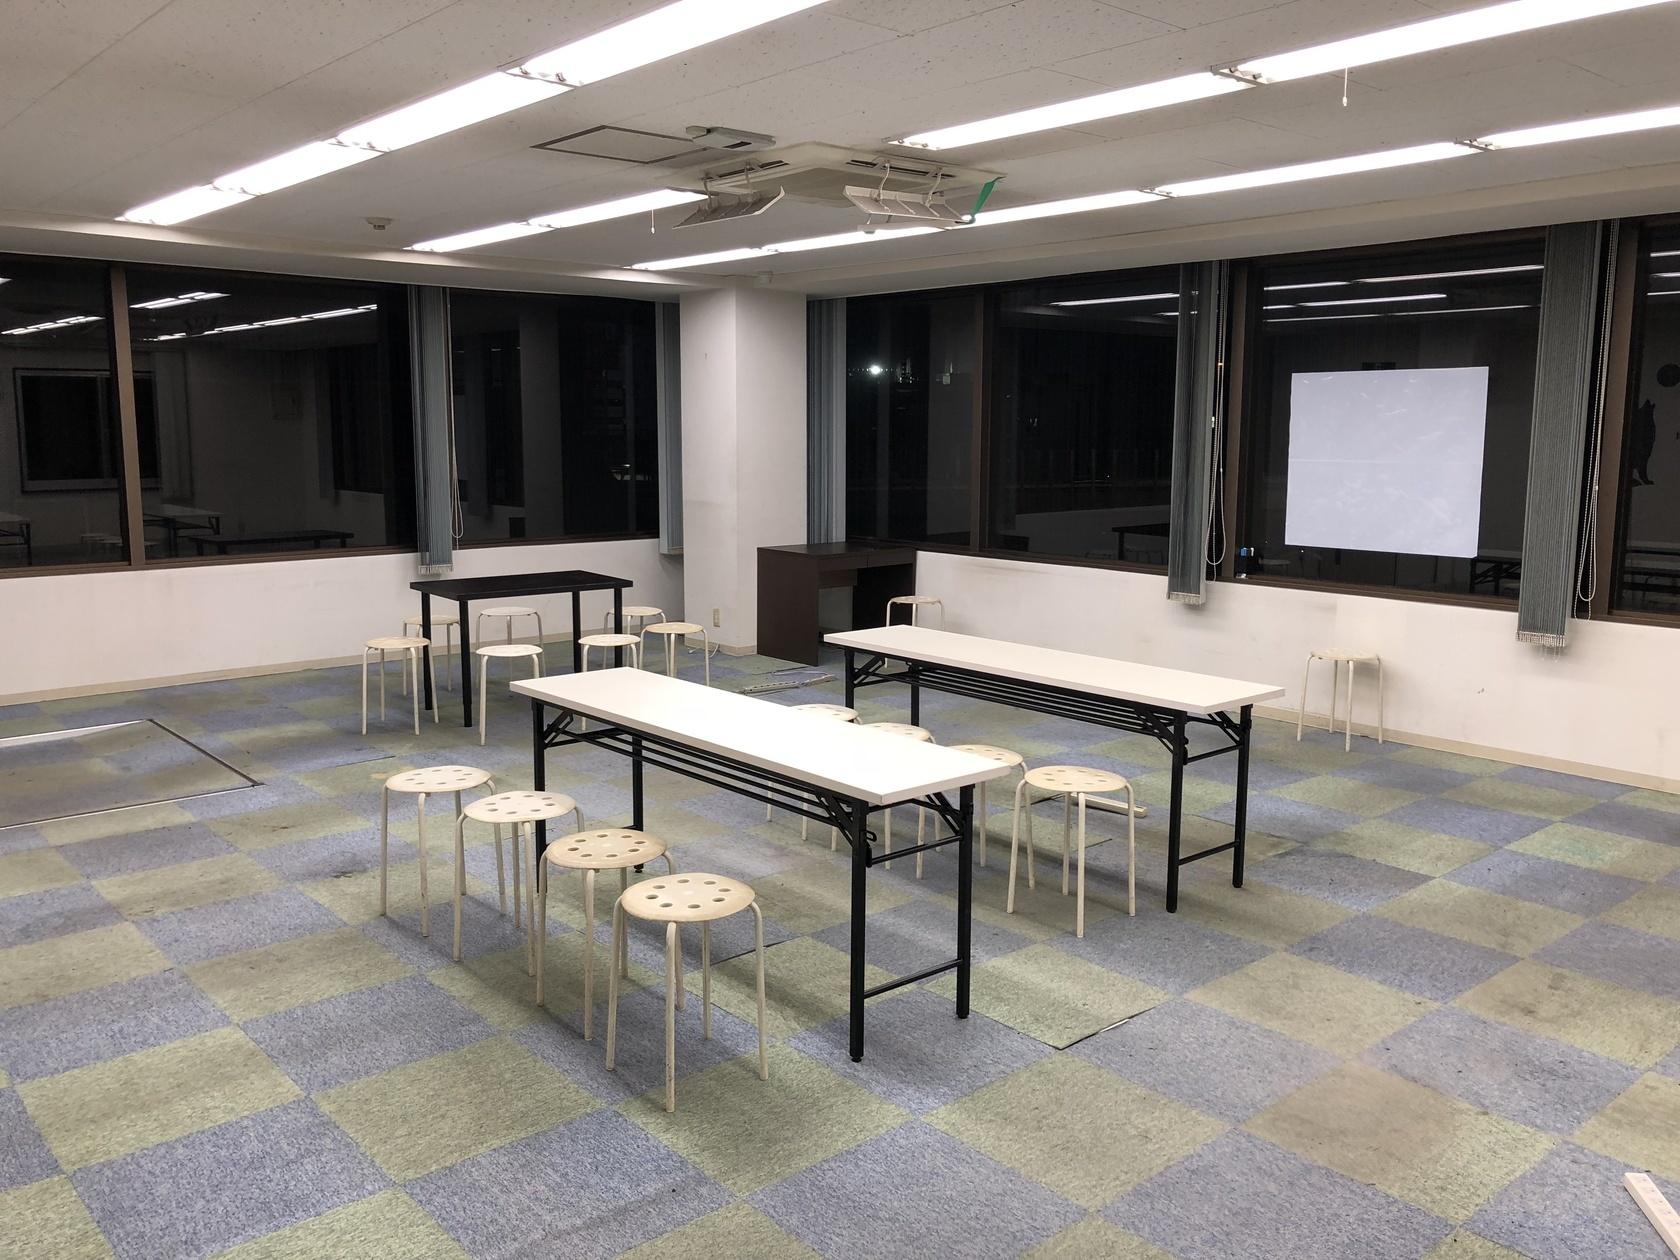 渋谷6階TNスペース(渋谷6階TNスペース) の写真0